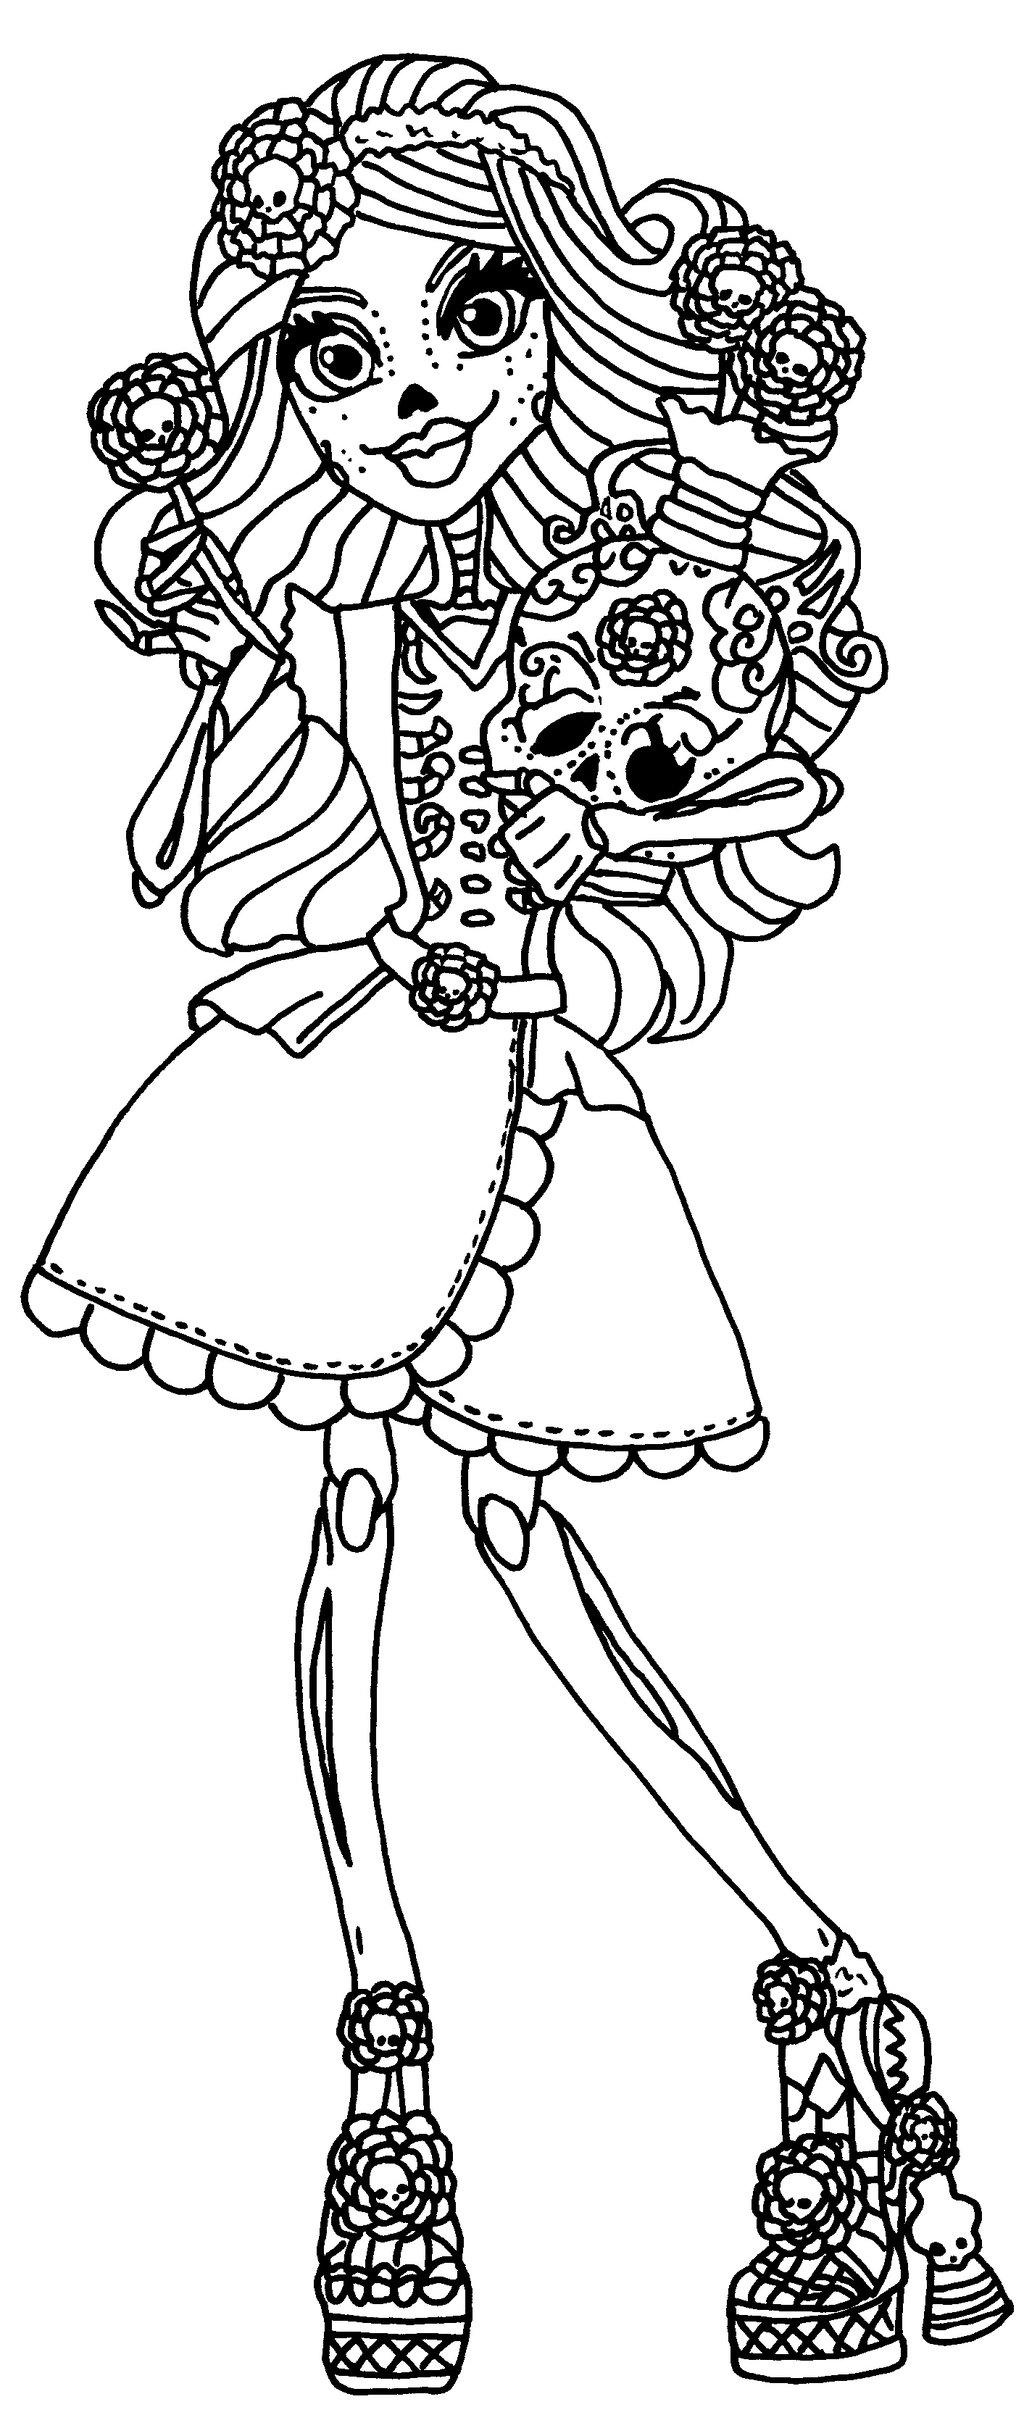 Skelita Calaveras